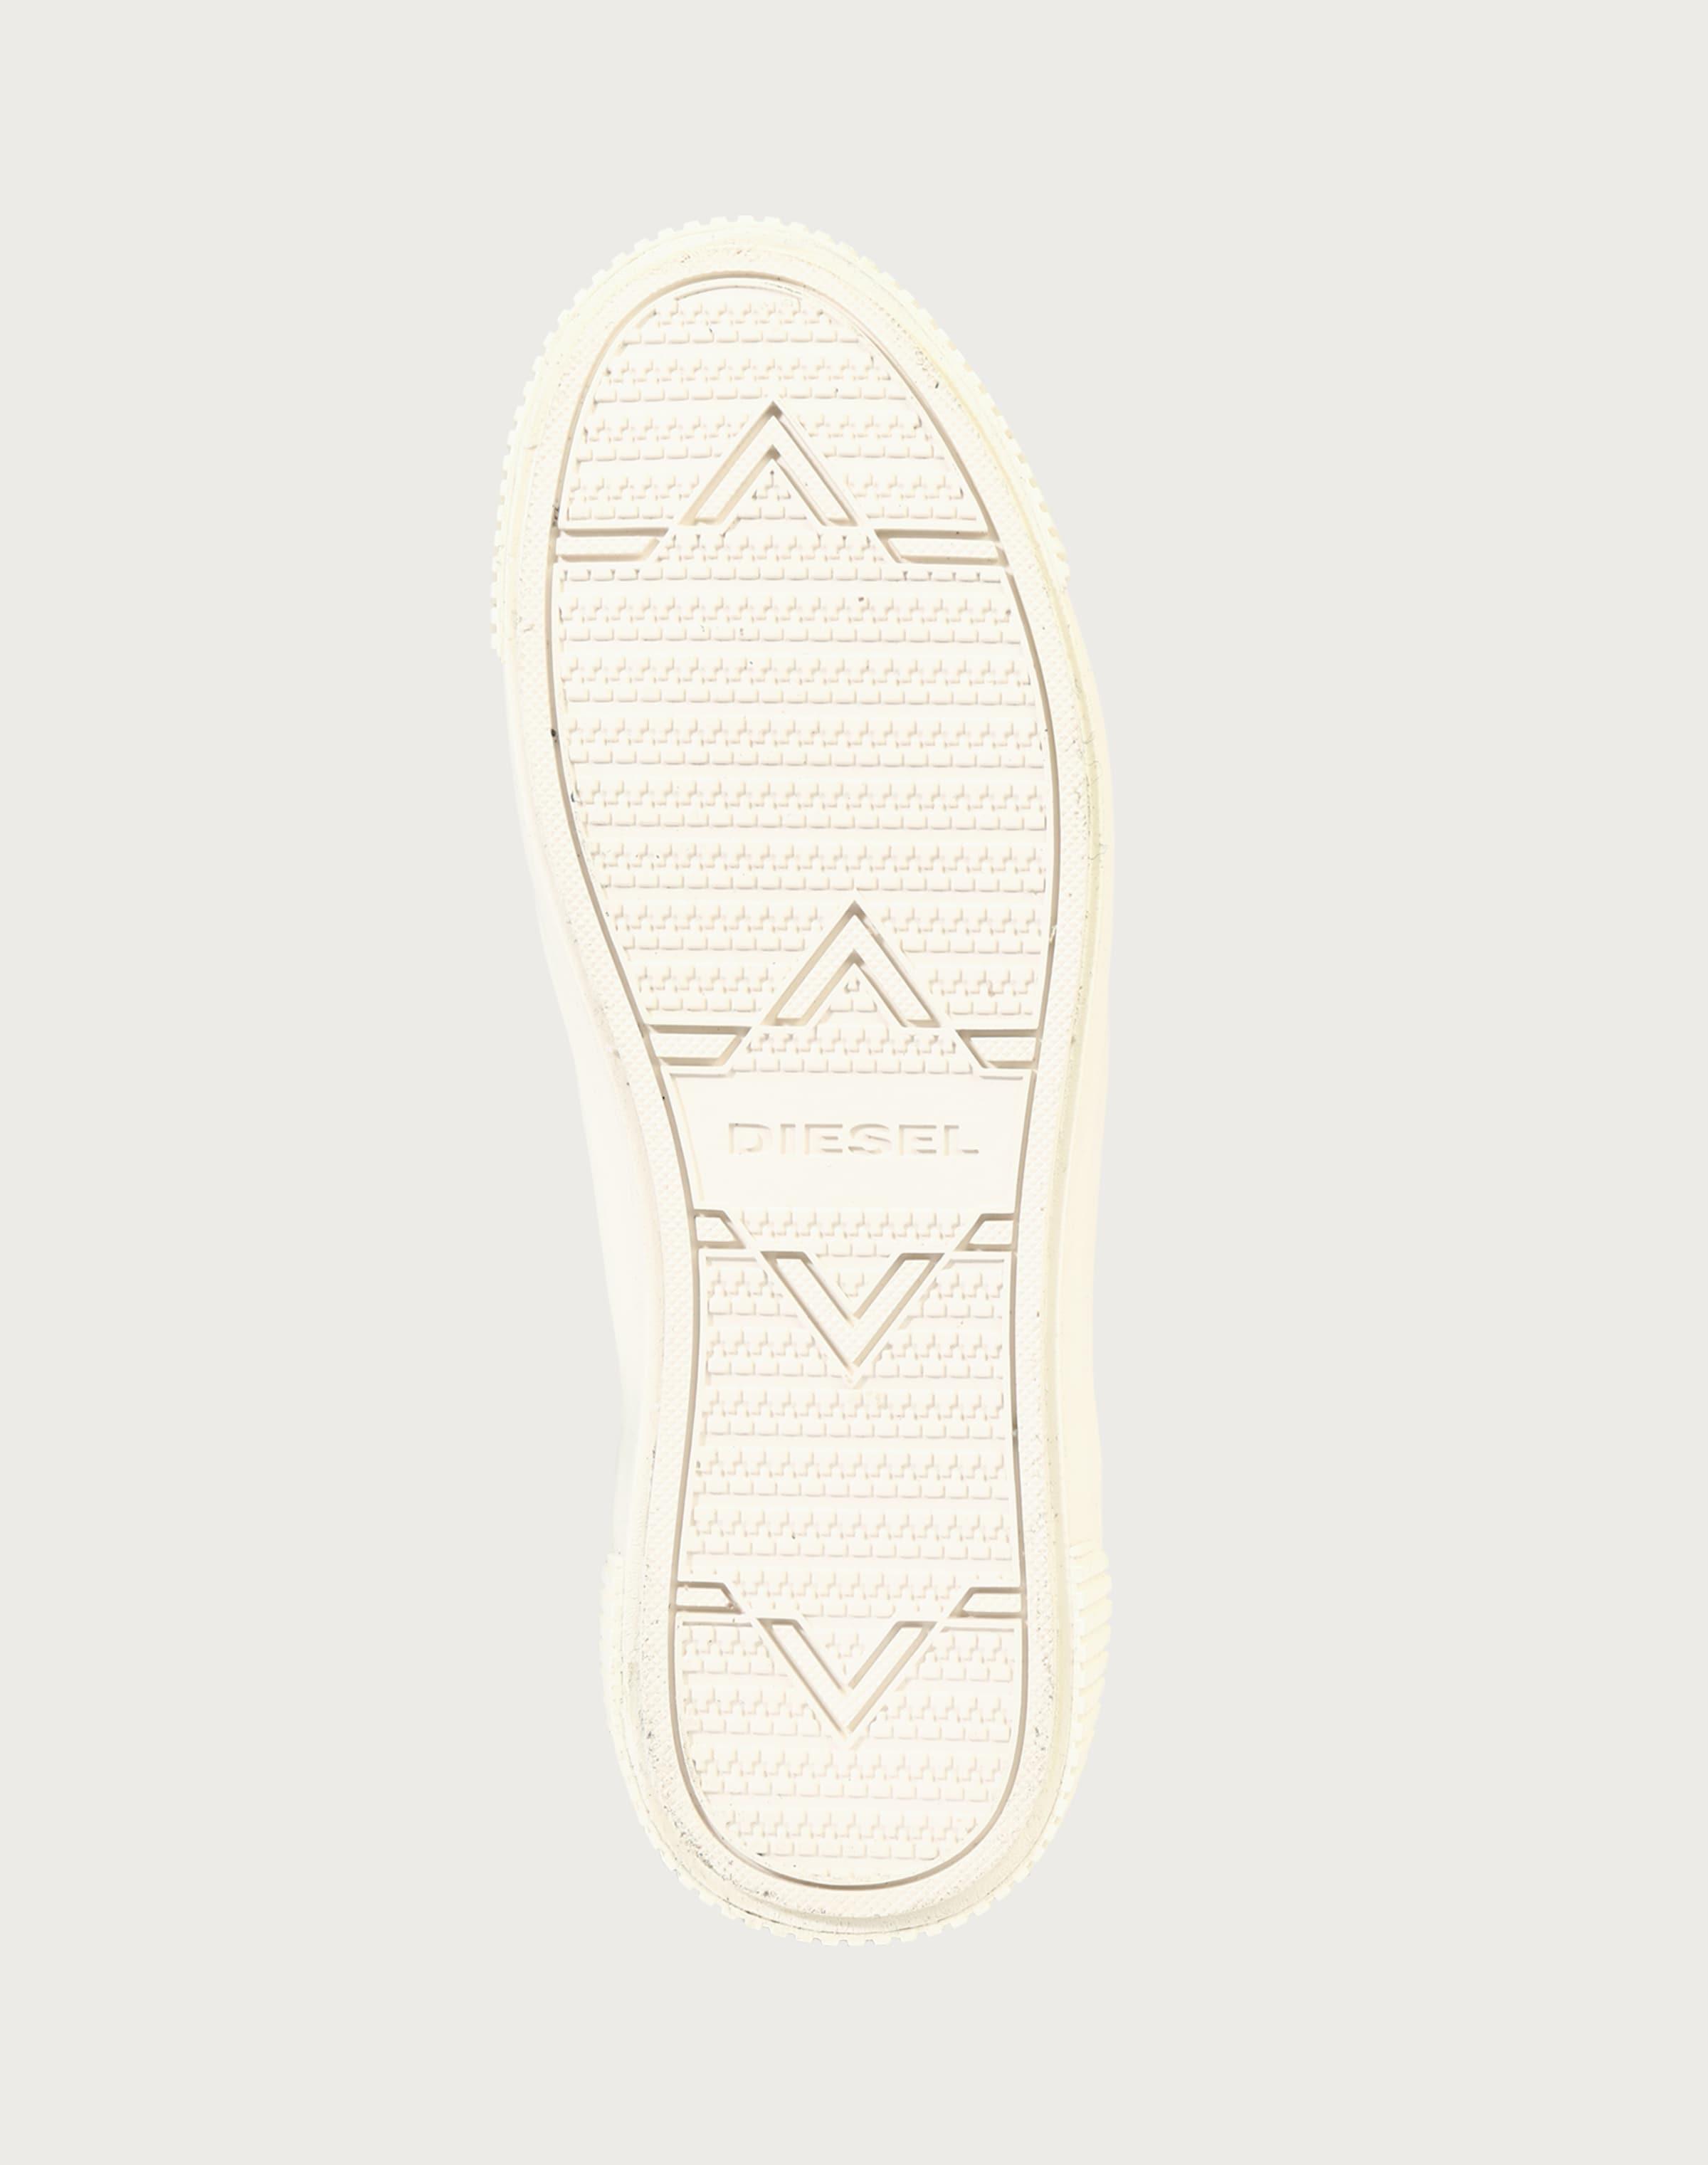 Steckdose Breite Palette Von Reduzierter Preis DIESEL Sneaker High mit Nieten 'Mustave' Suge6e